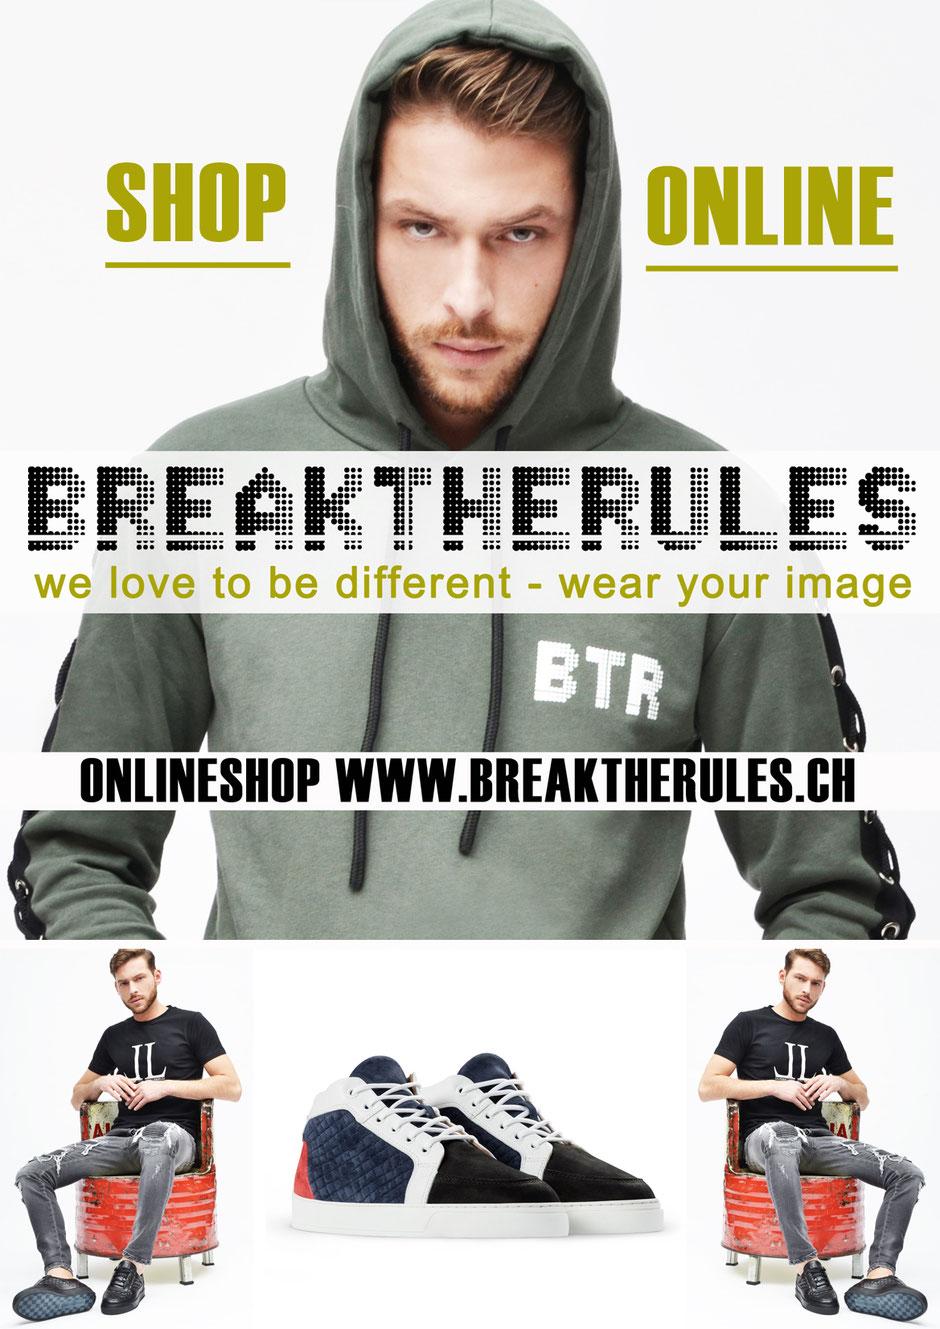 Breaktherules ist der Multibrand Onlineshop mit Tiefpreisgarantie der Baselisbeautiful AG Steinenvorstadt 4 4051 Basel